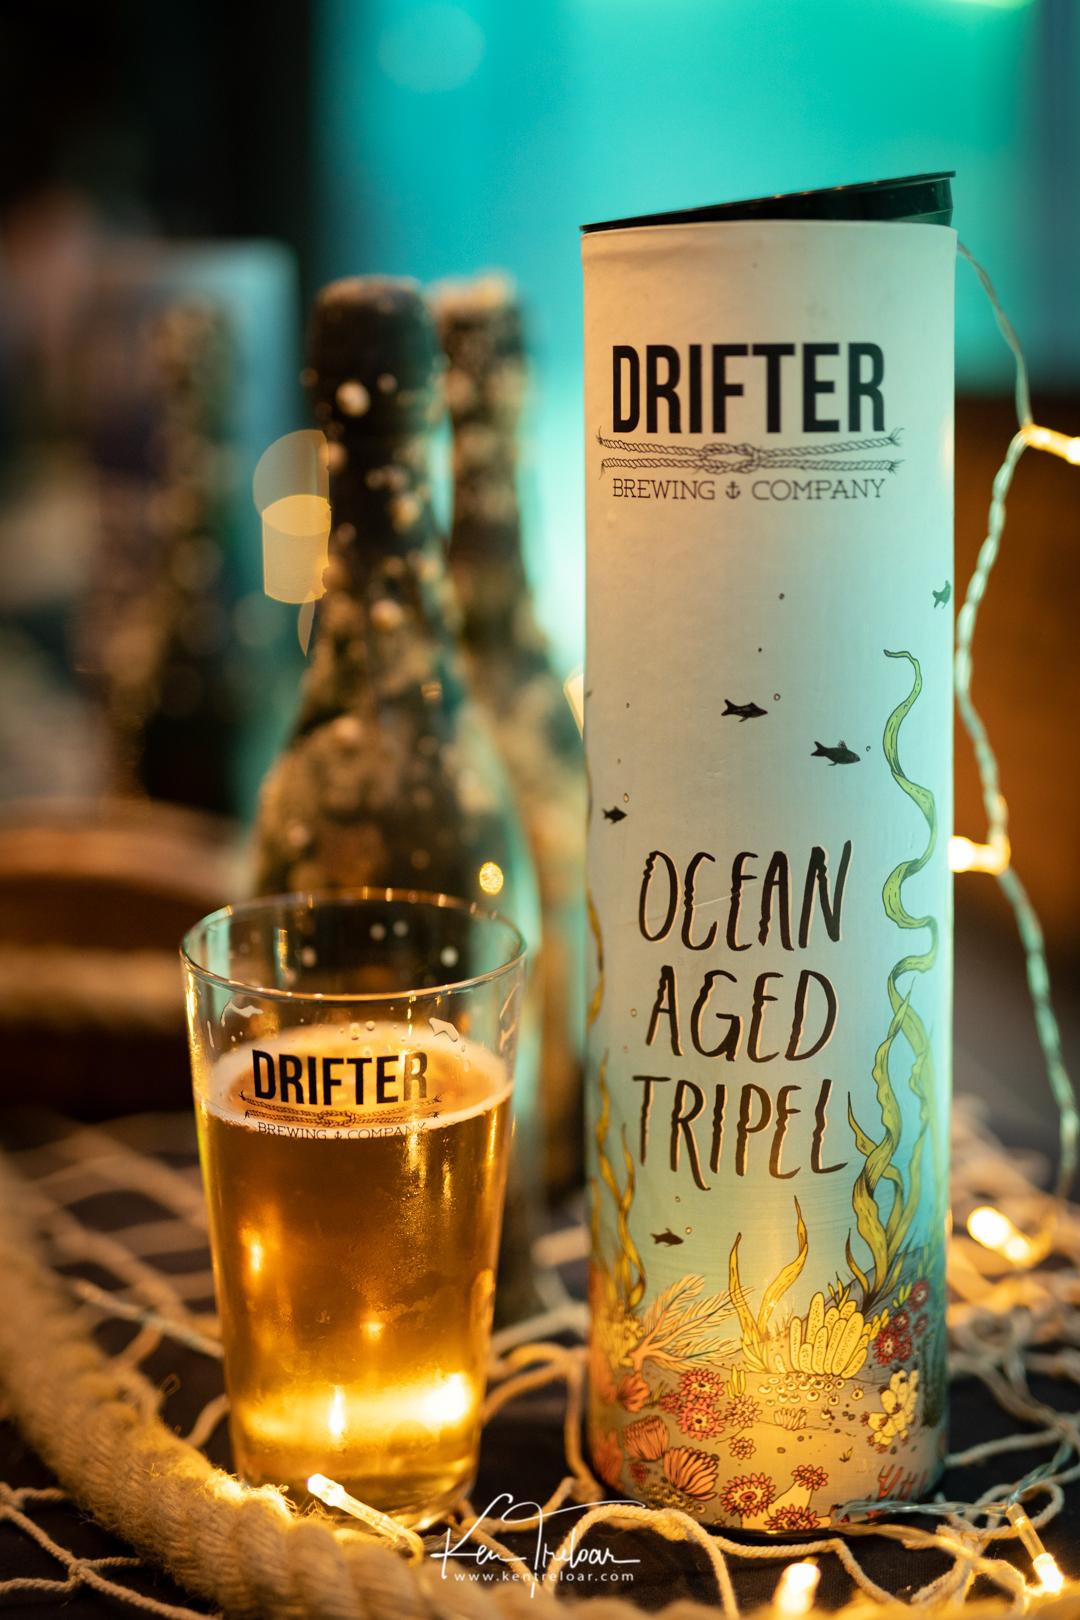 Drifter-Brewing-Ocean-Aged-Triple-2018-Ken Treloar-4.jpg